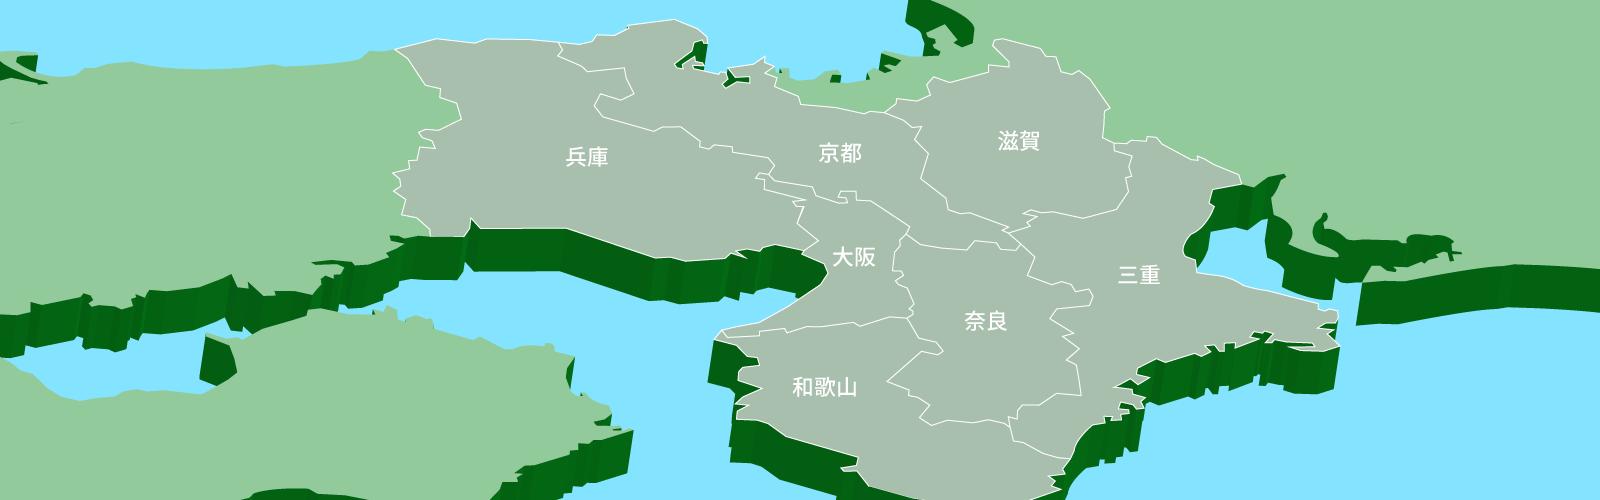 近畿エリア地図